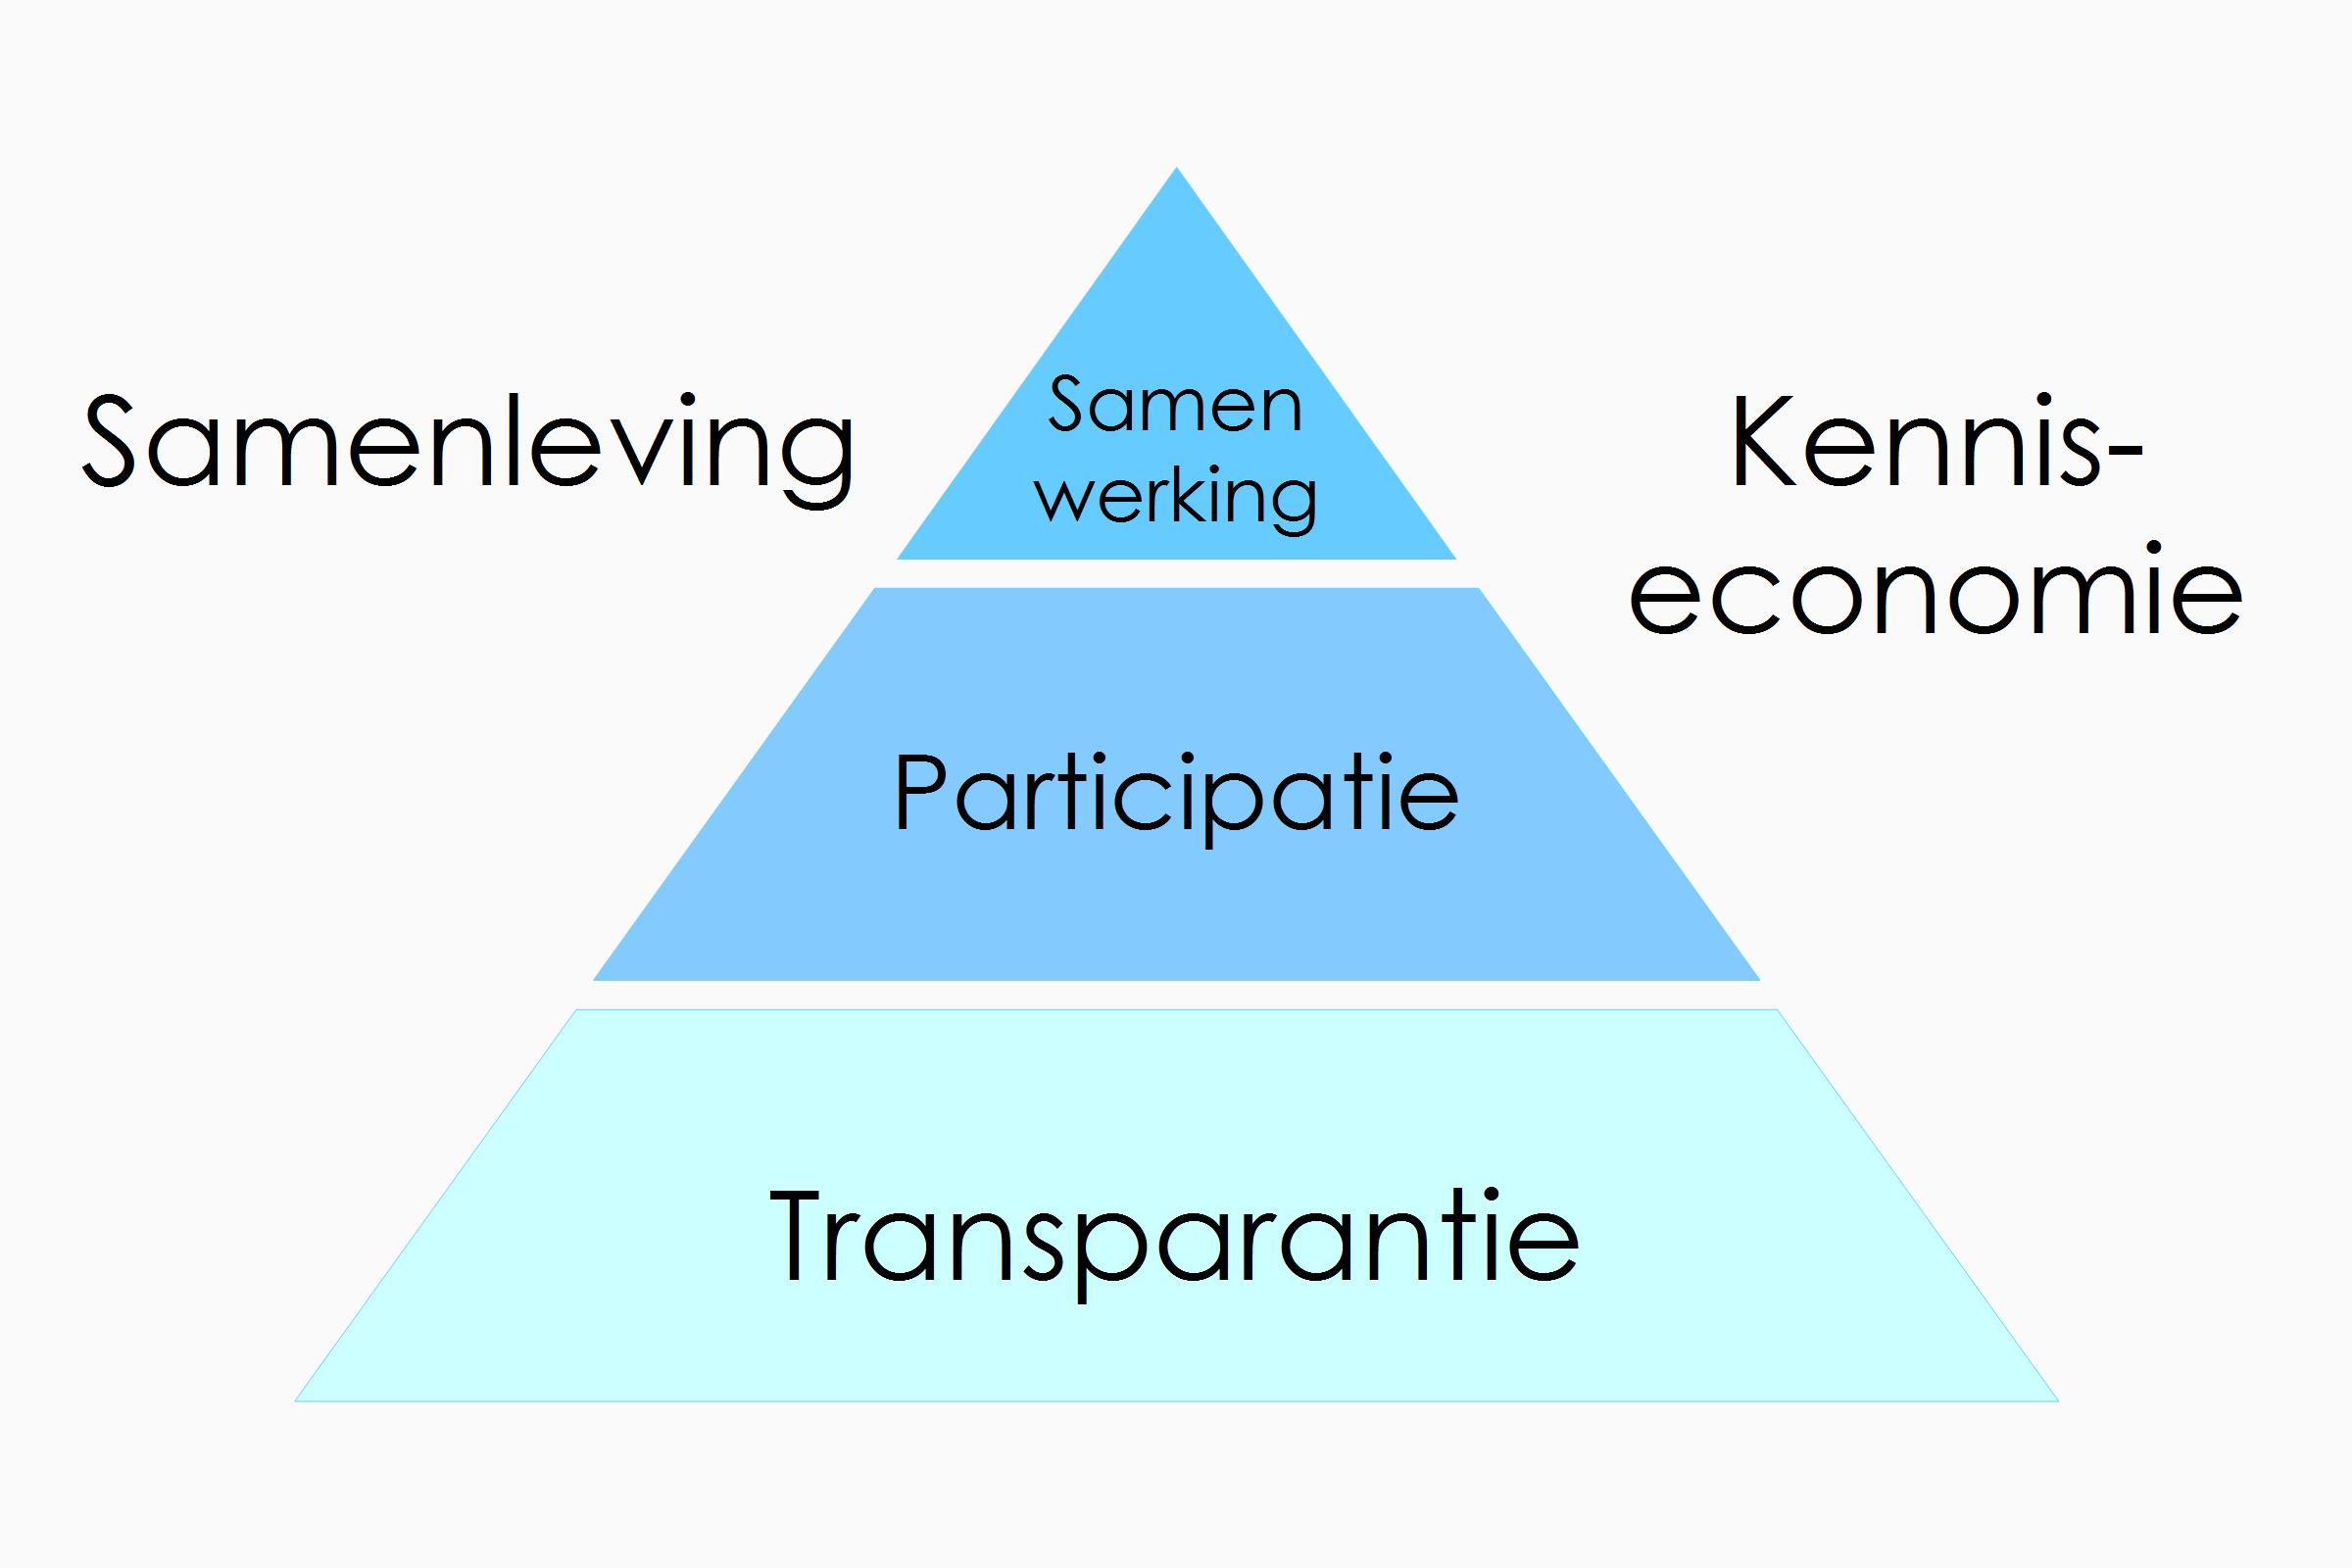 Openheid versterkt de samenleving en kenniseconomie. Meer openheid leidt tot meer transparantie, participatie en samenwerking. De belangrijkste fundamenten voor duurzame vooruitgang.